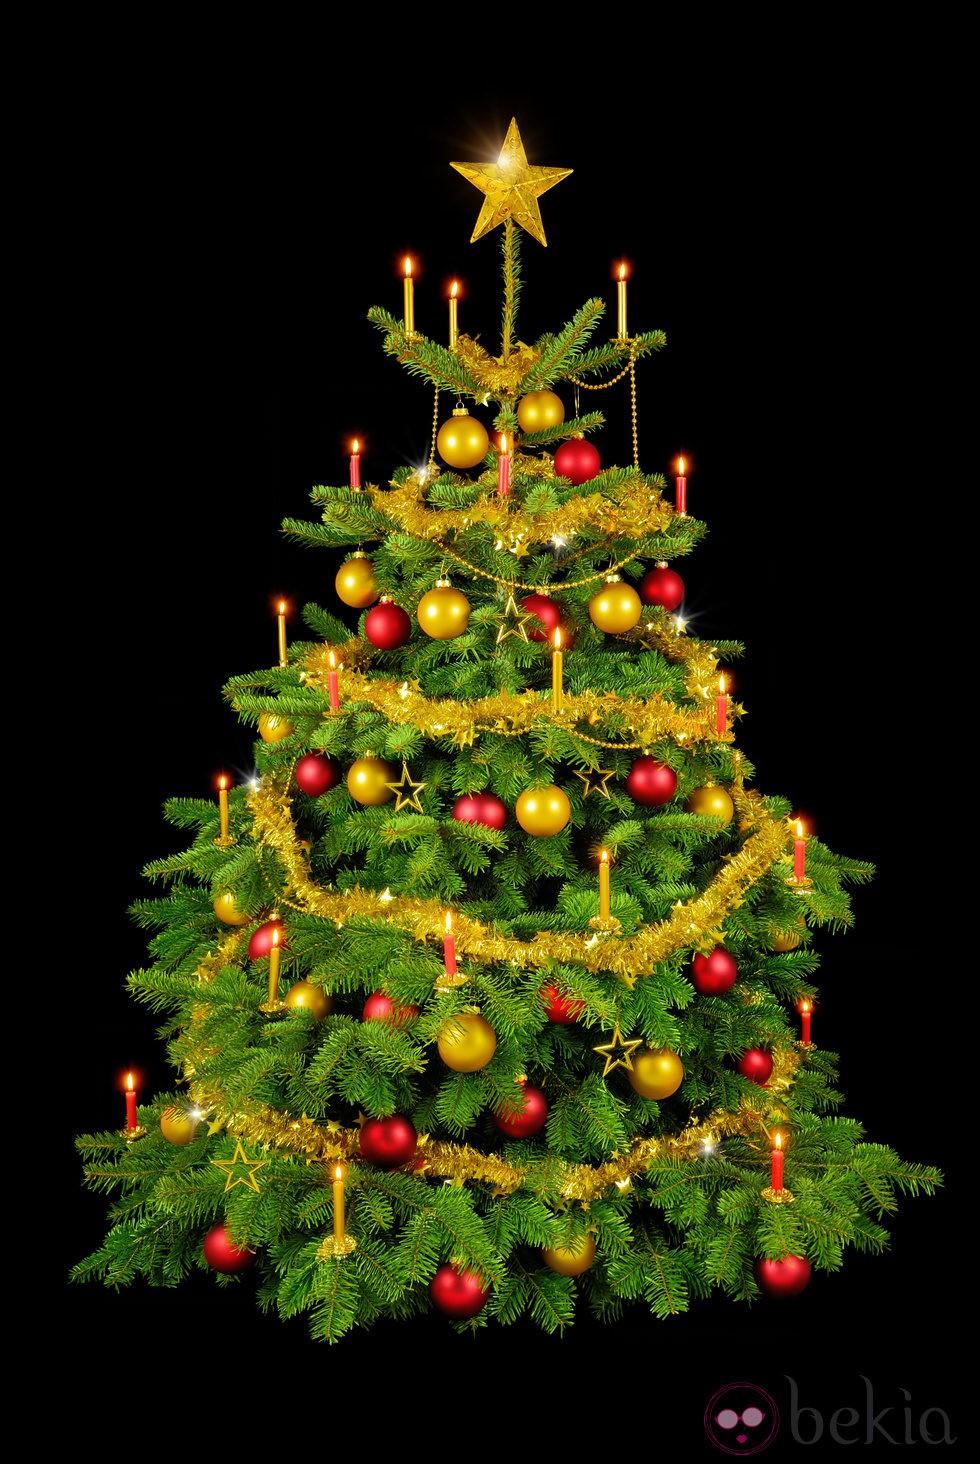 Decoracion mueble sofa arbol navidad dorado - Imagenes de arboles de navidad decorados ...